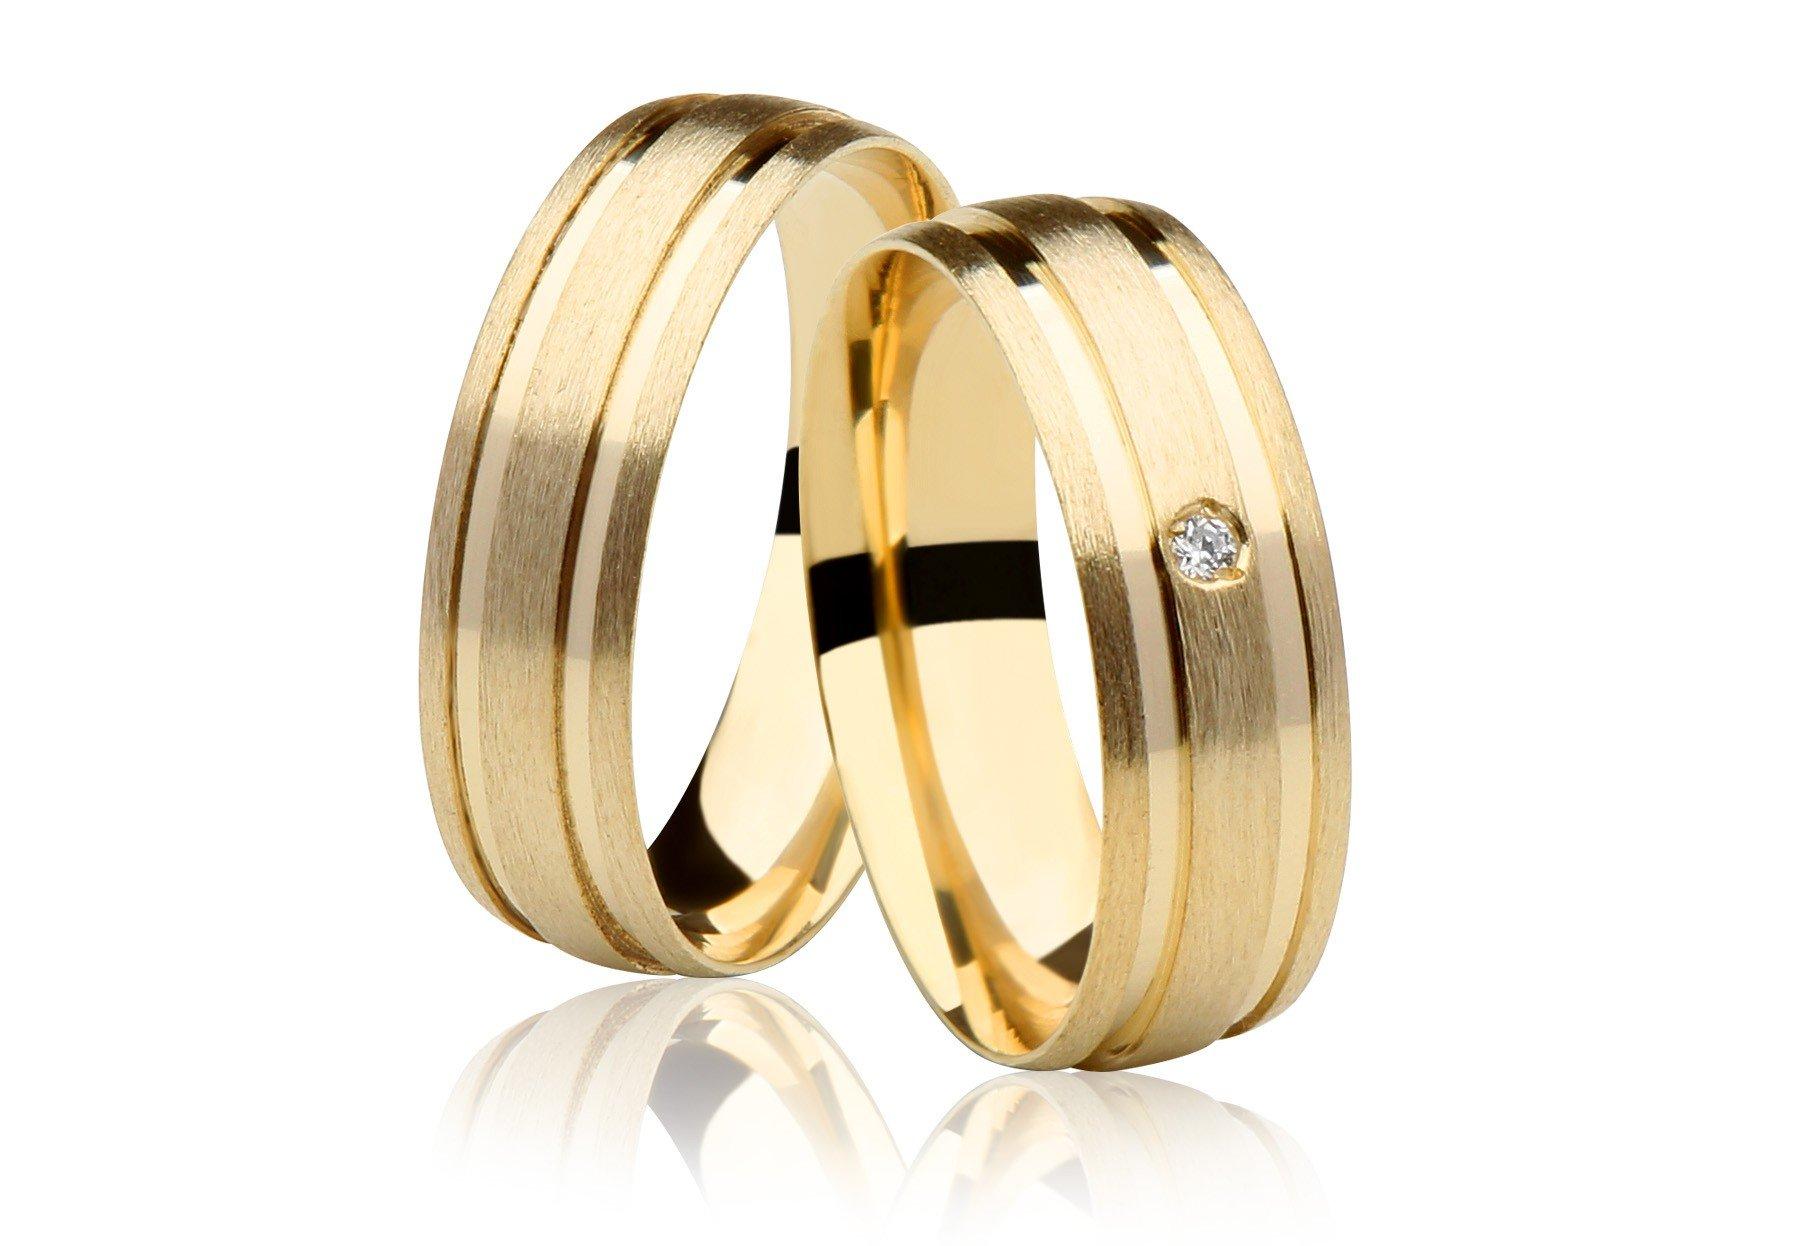 Aliança de Casamento Wish Ouro 18k Fosca e Diamante - Unitária (6mm)